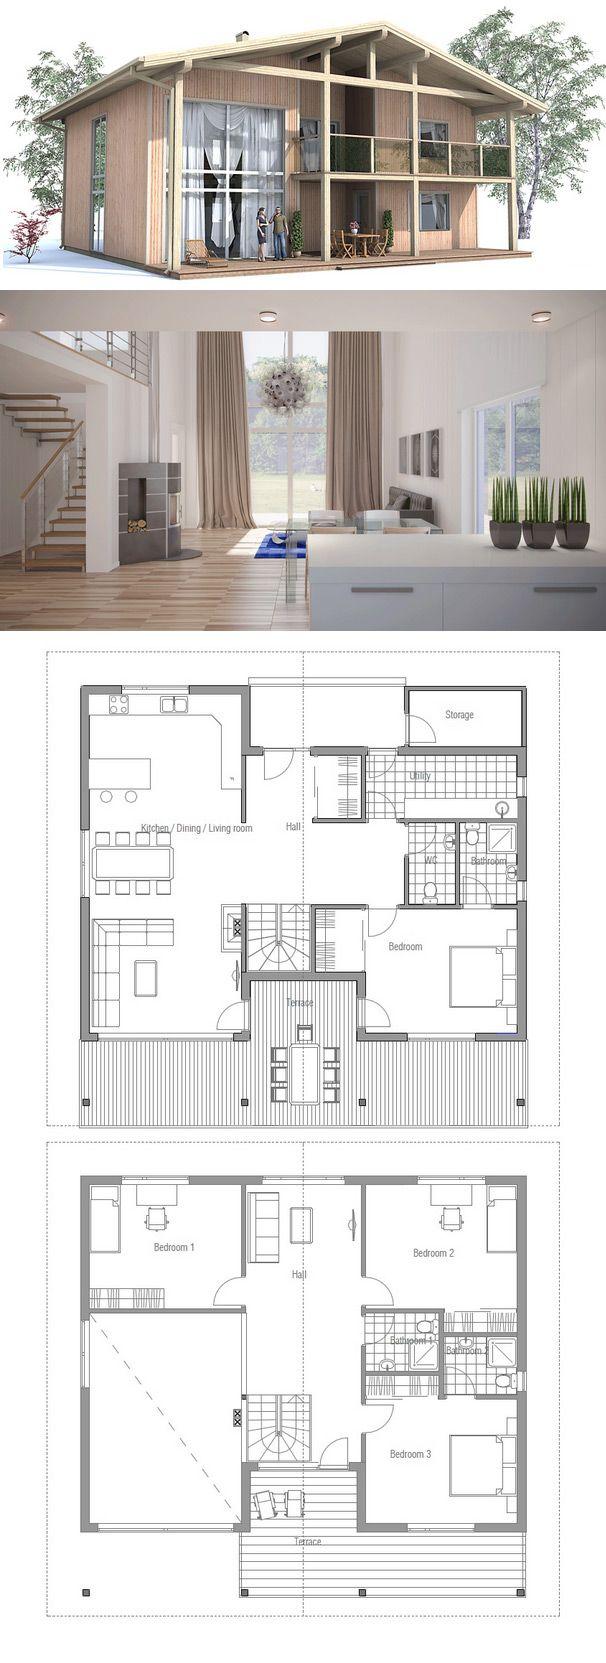 Plan de petite maison house plans pinterest house